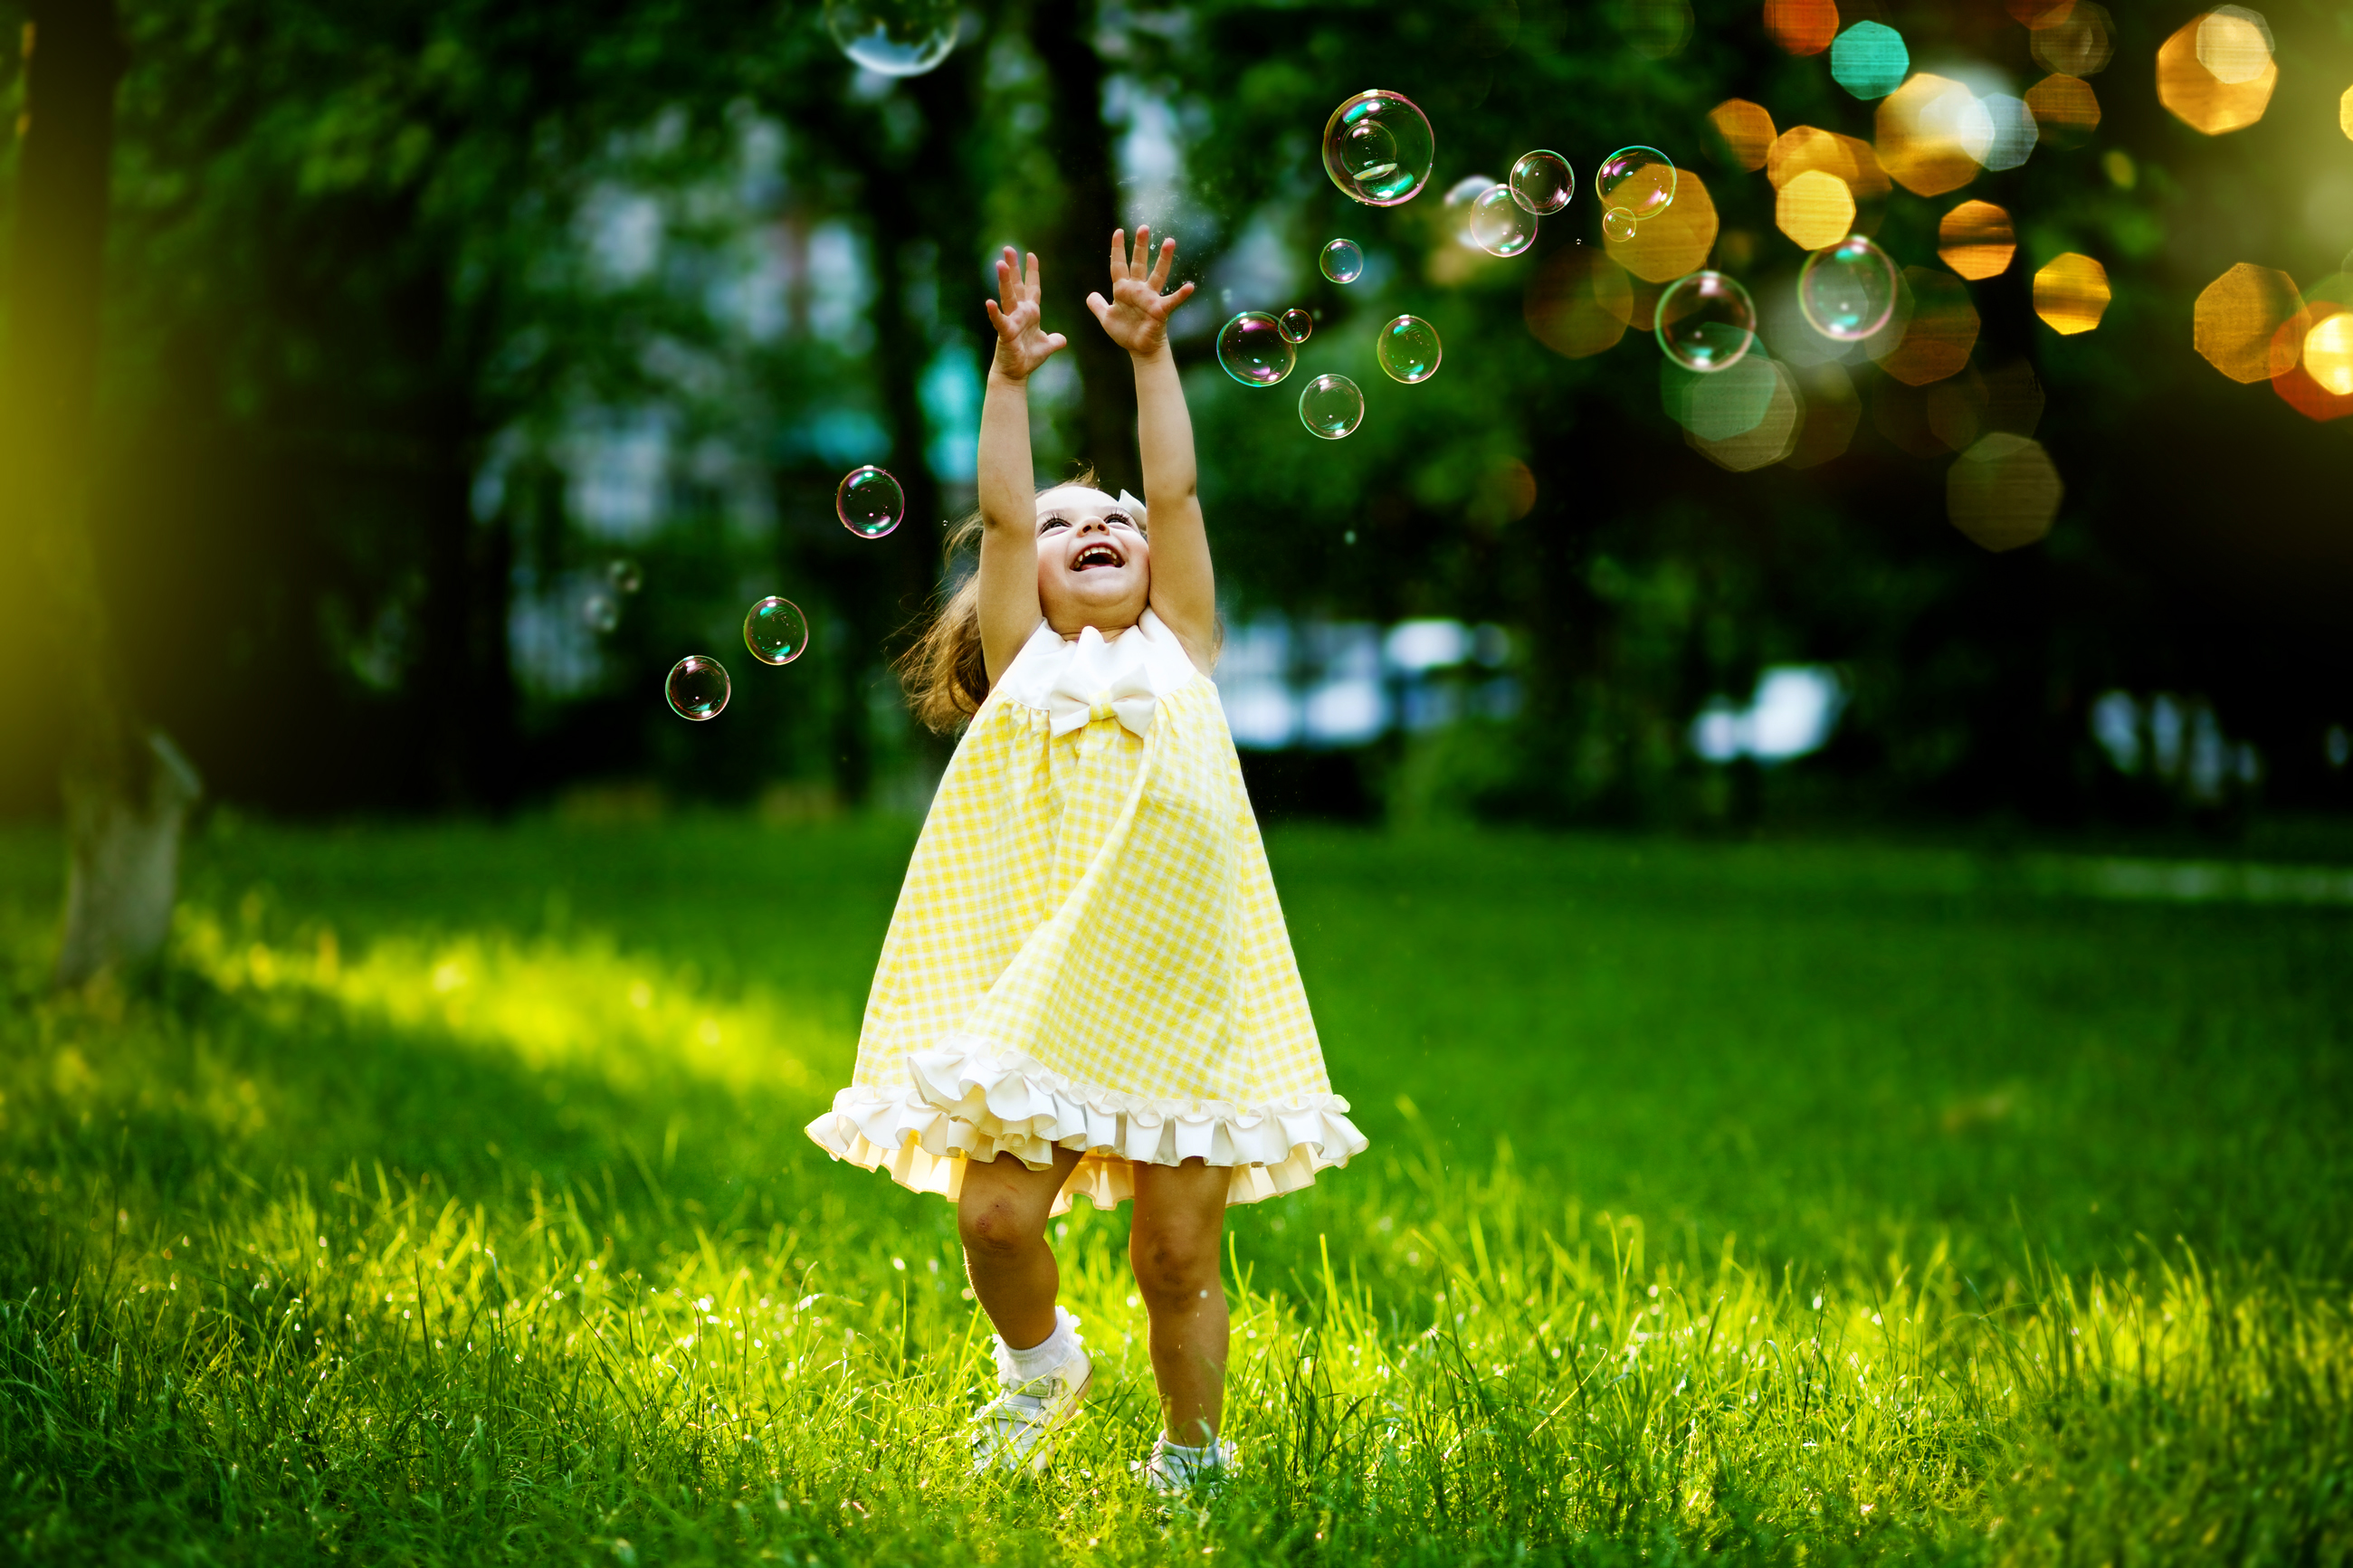 свежий воздух делает детей умнее